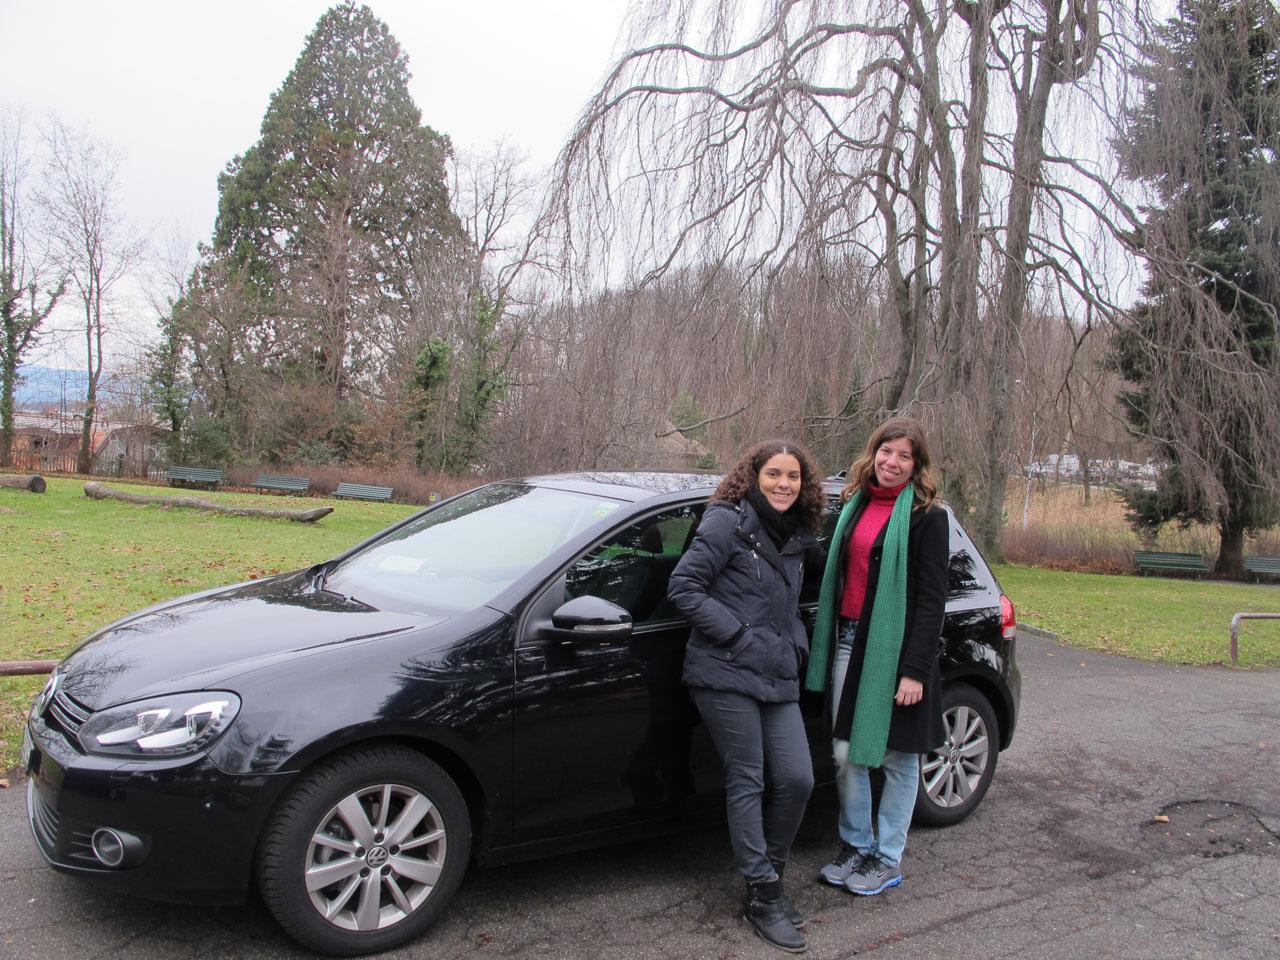 Eu e irmã com nosso carro alugado na Suíça, carinhosamente apelidado de Gina <3